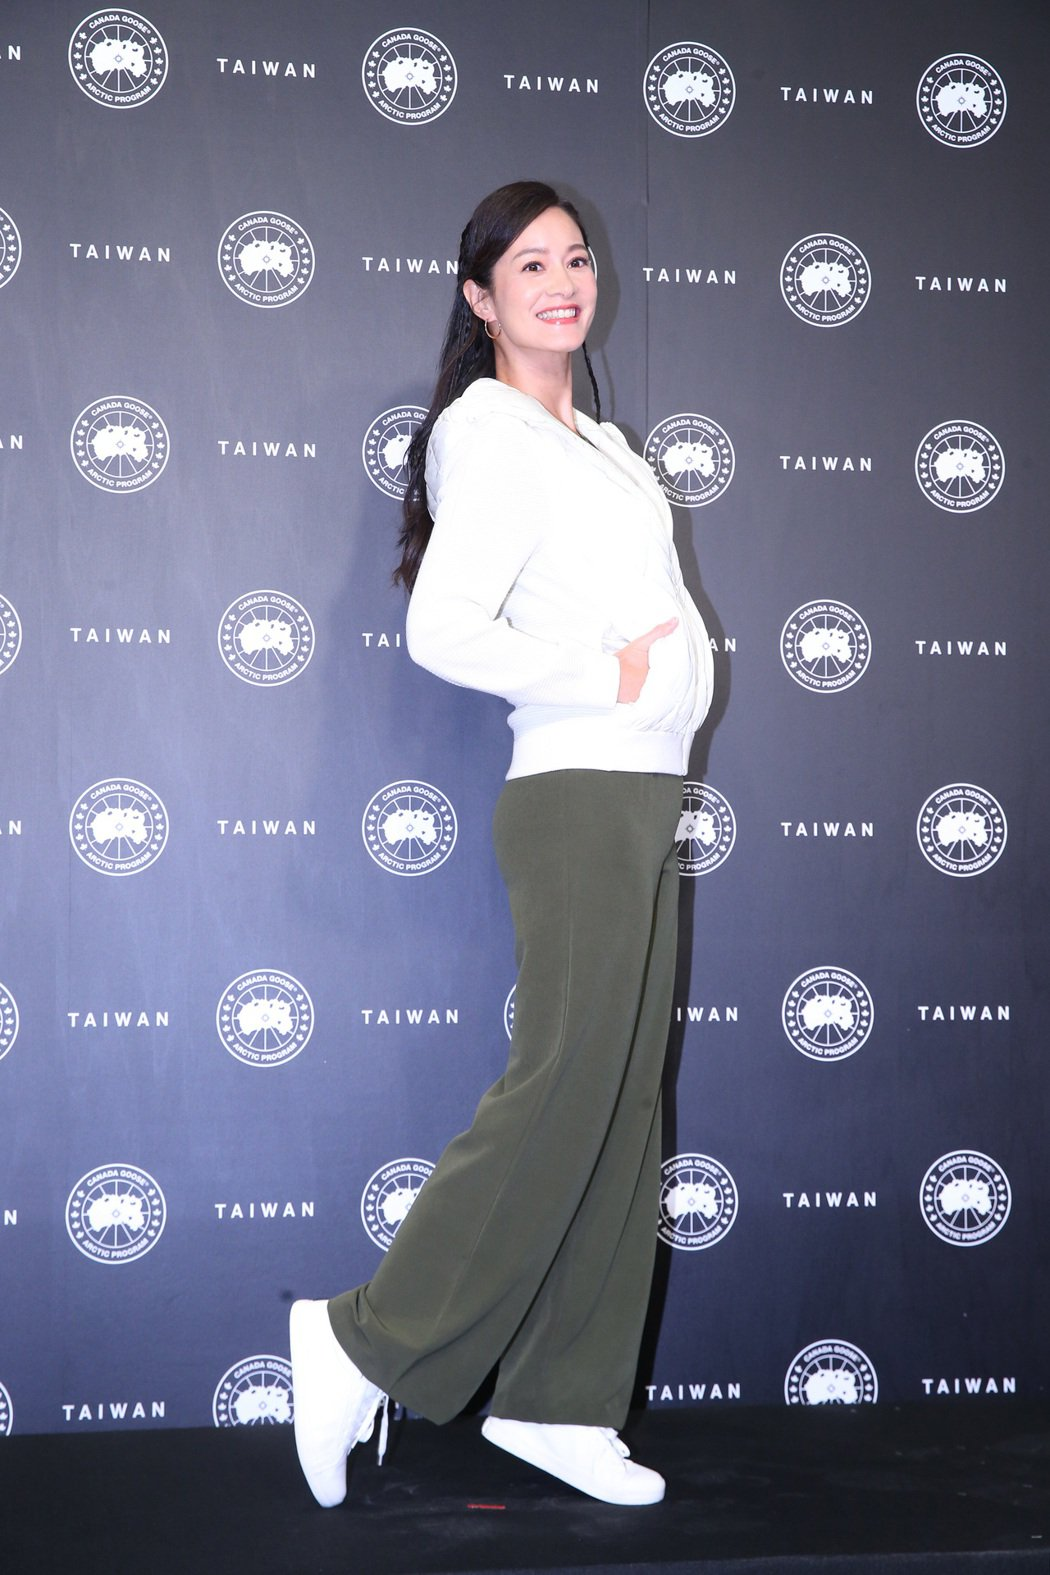 Janet出席戶外服飾品牌記者會。記者林澔一/攝影